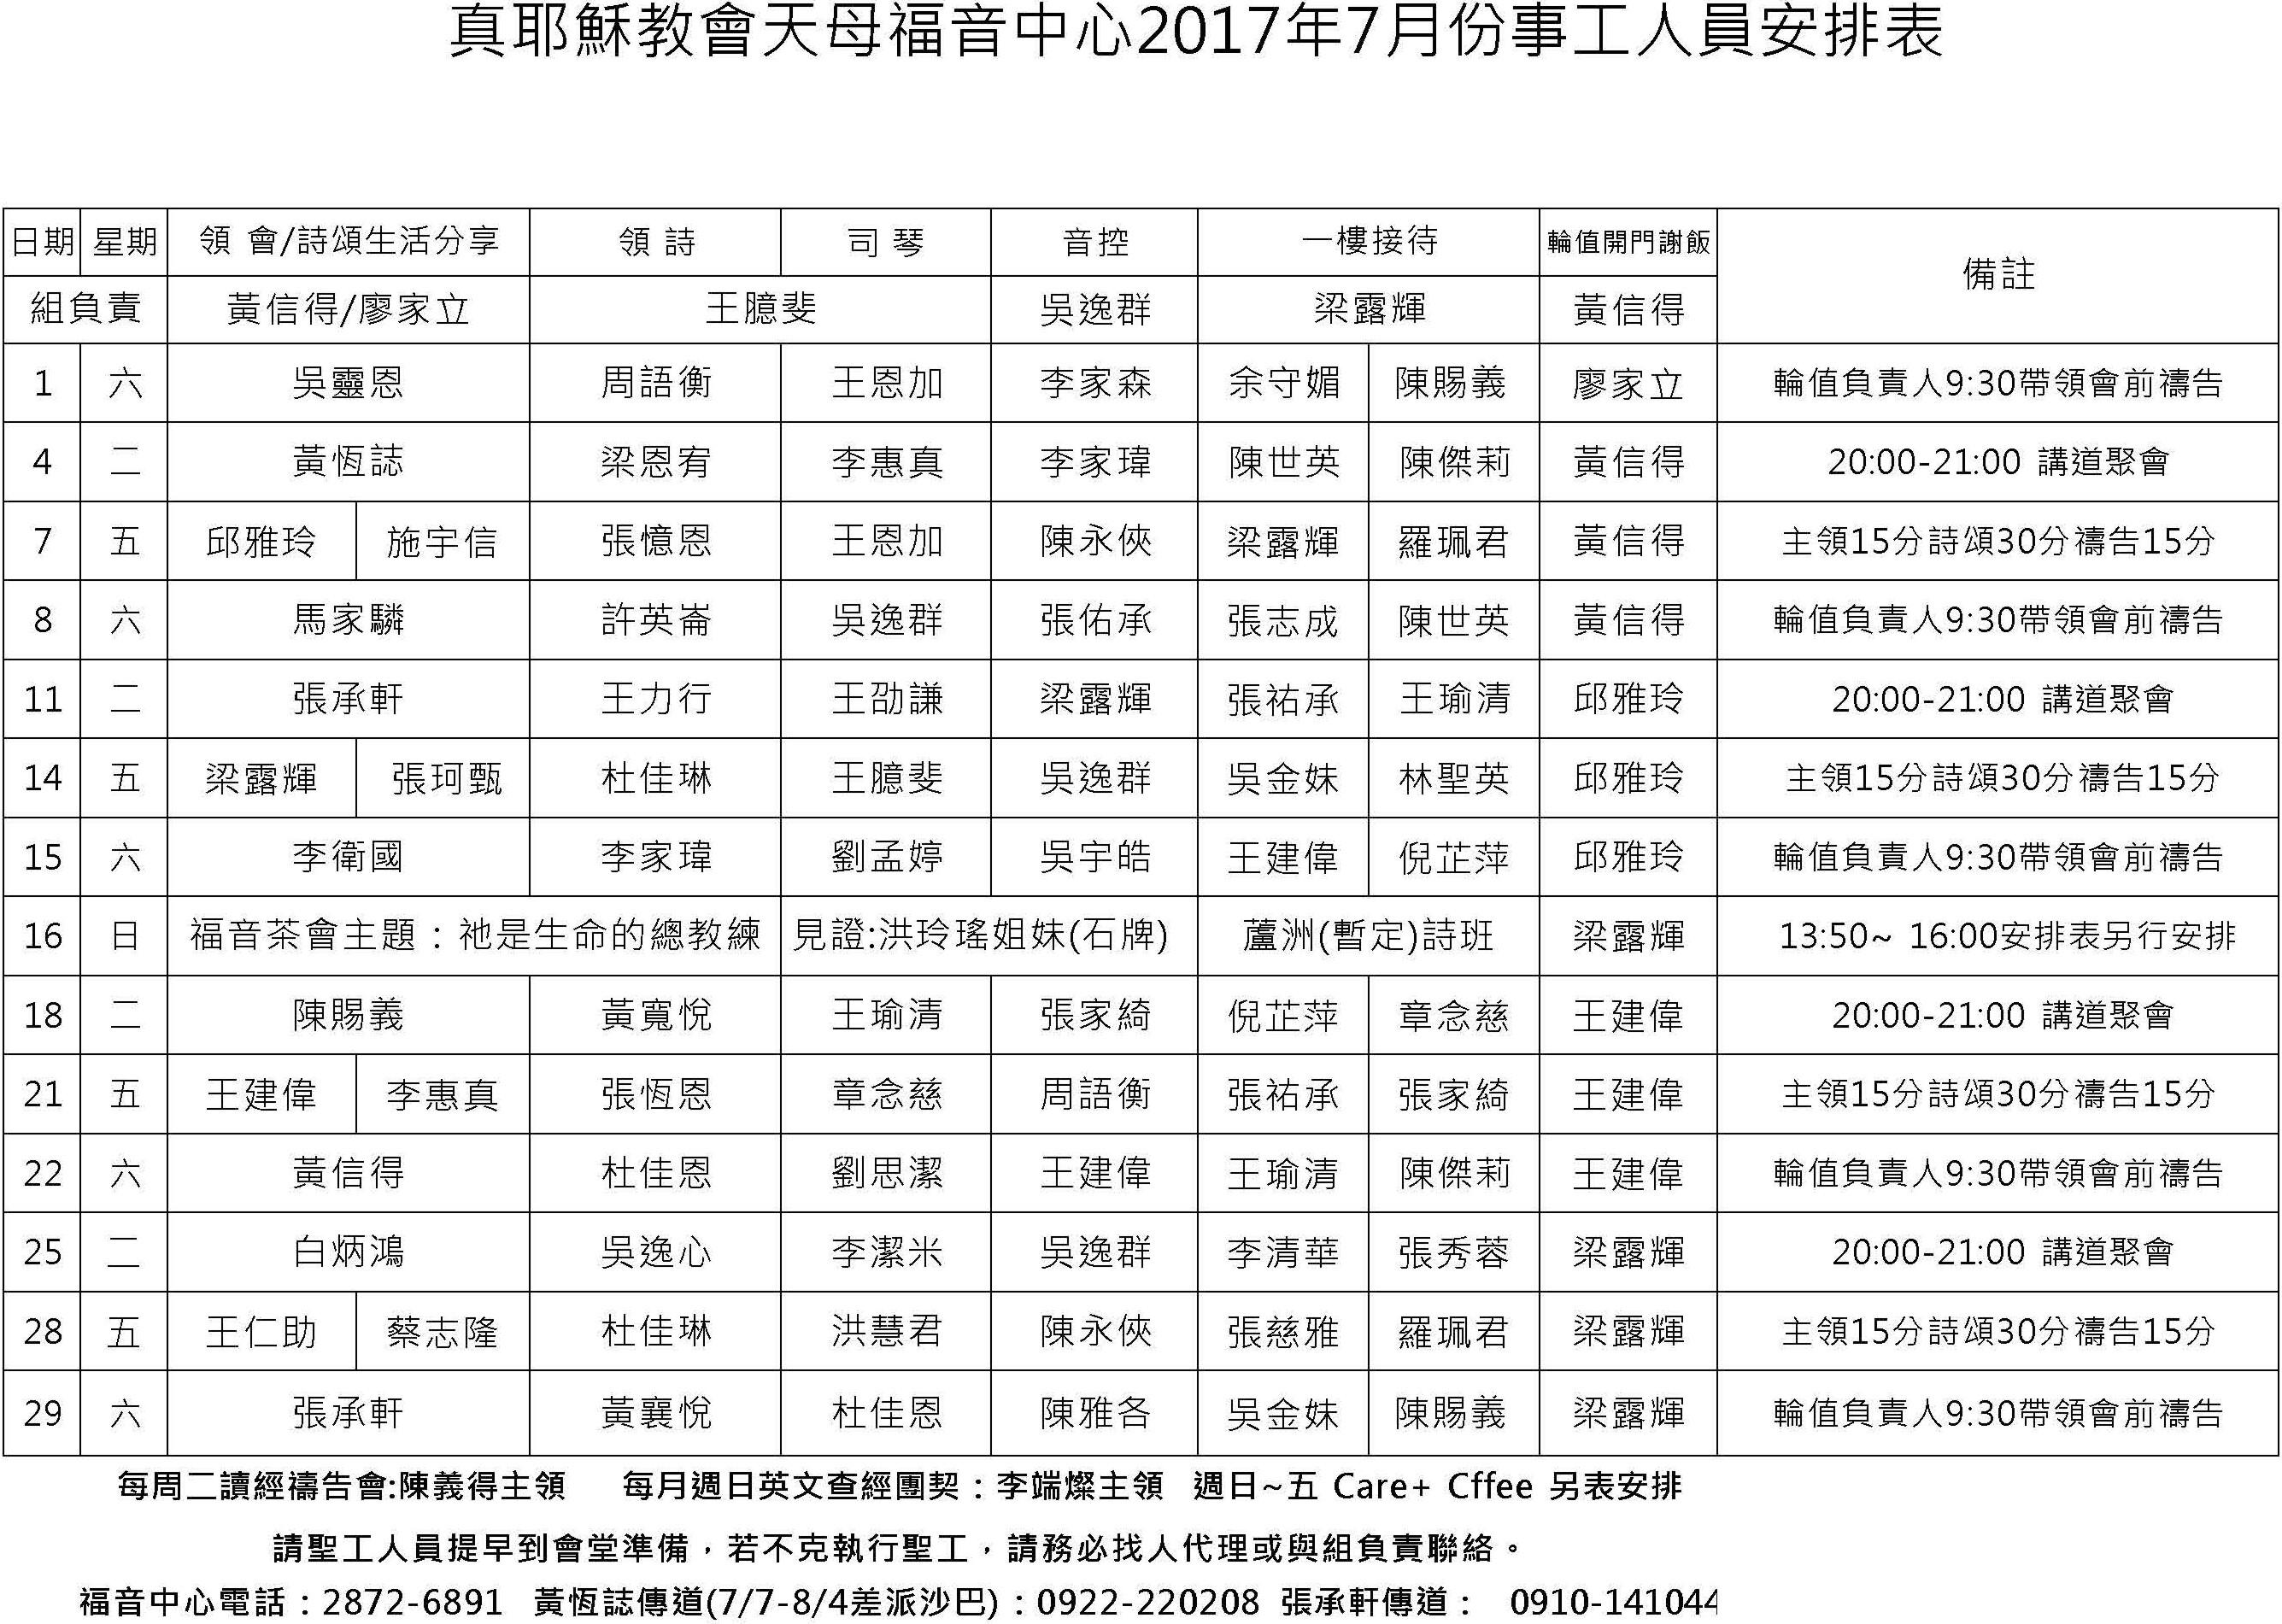 201707天母福音中心聚會安排表Final